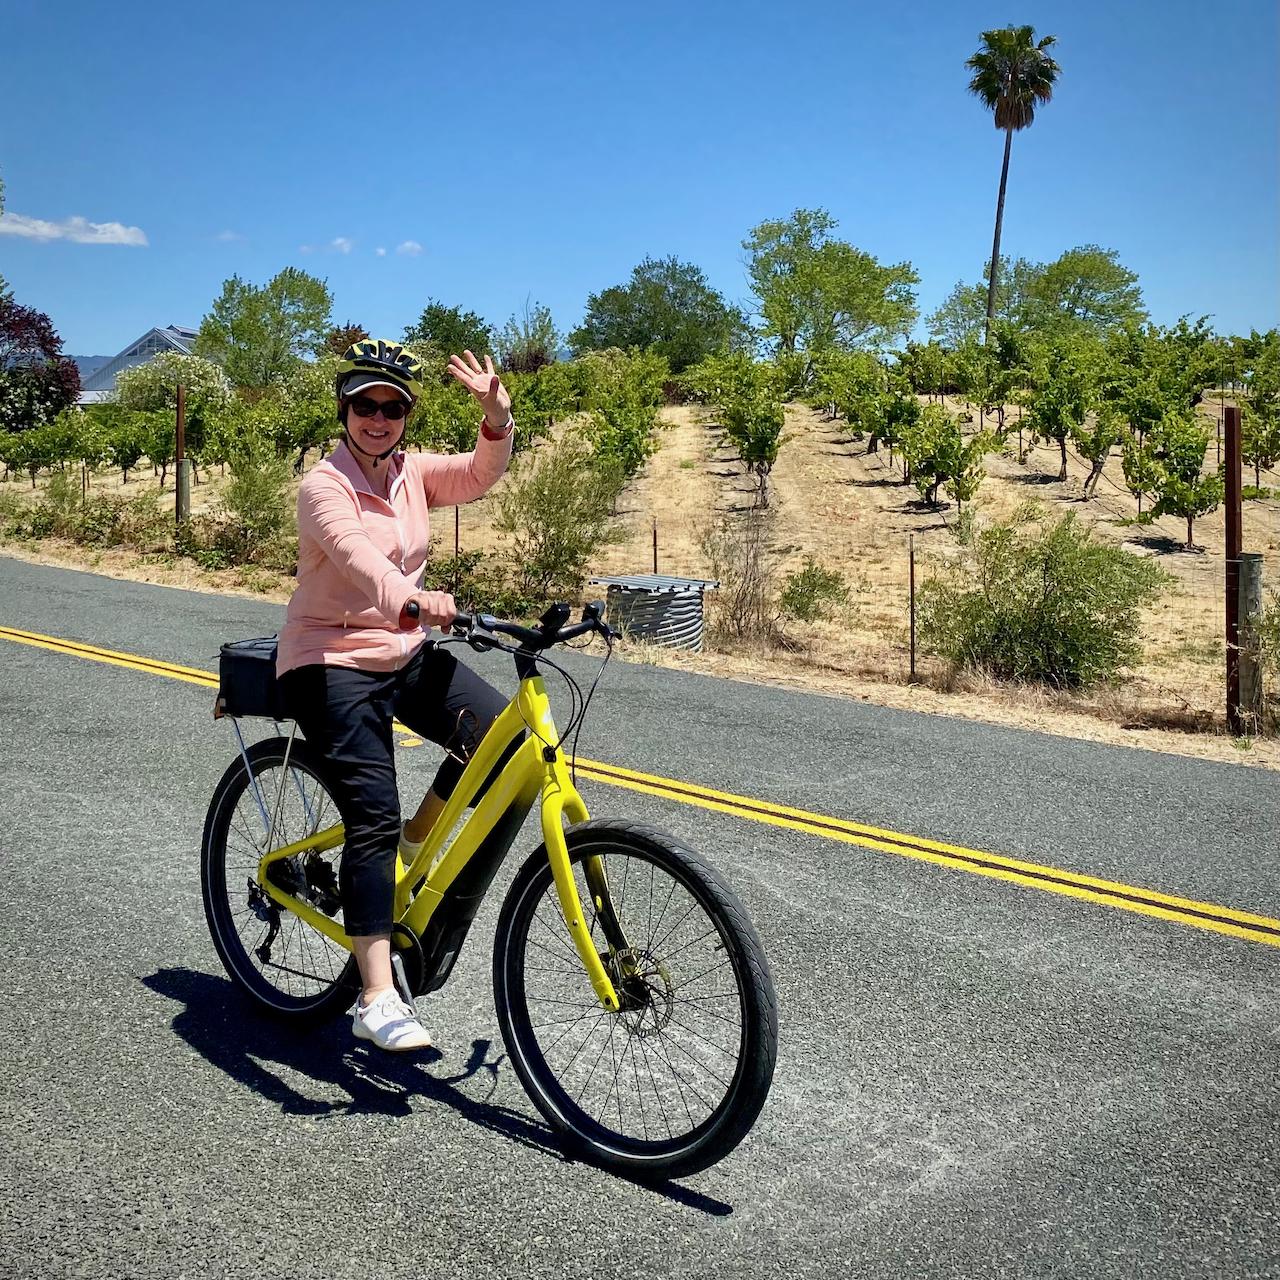 HVW e-biking @Dry Creek Valley